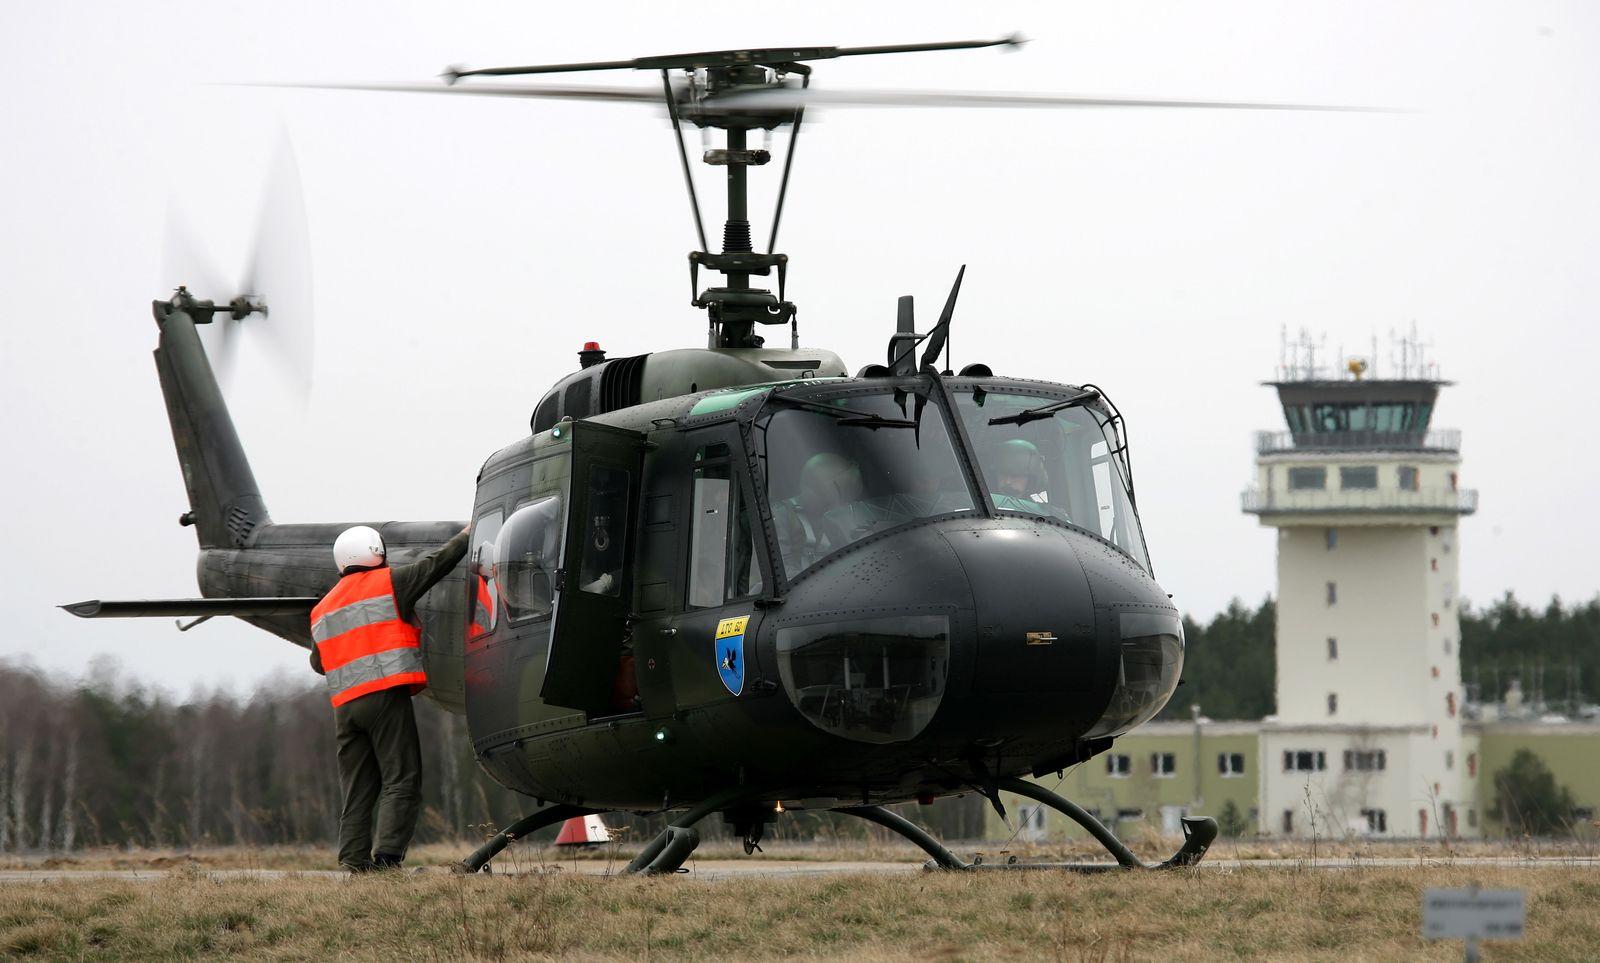 Hubschrauber Bell UH-1D / Luftwaffenstützpunkt Holzdorf